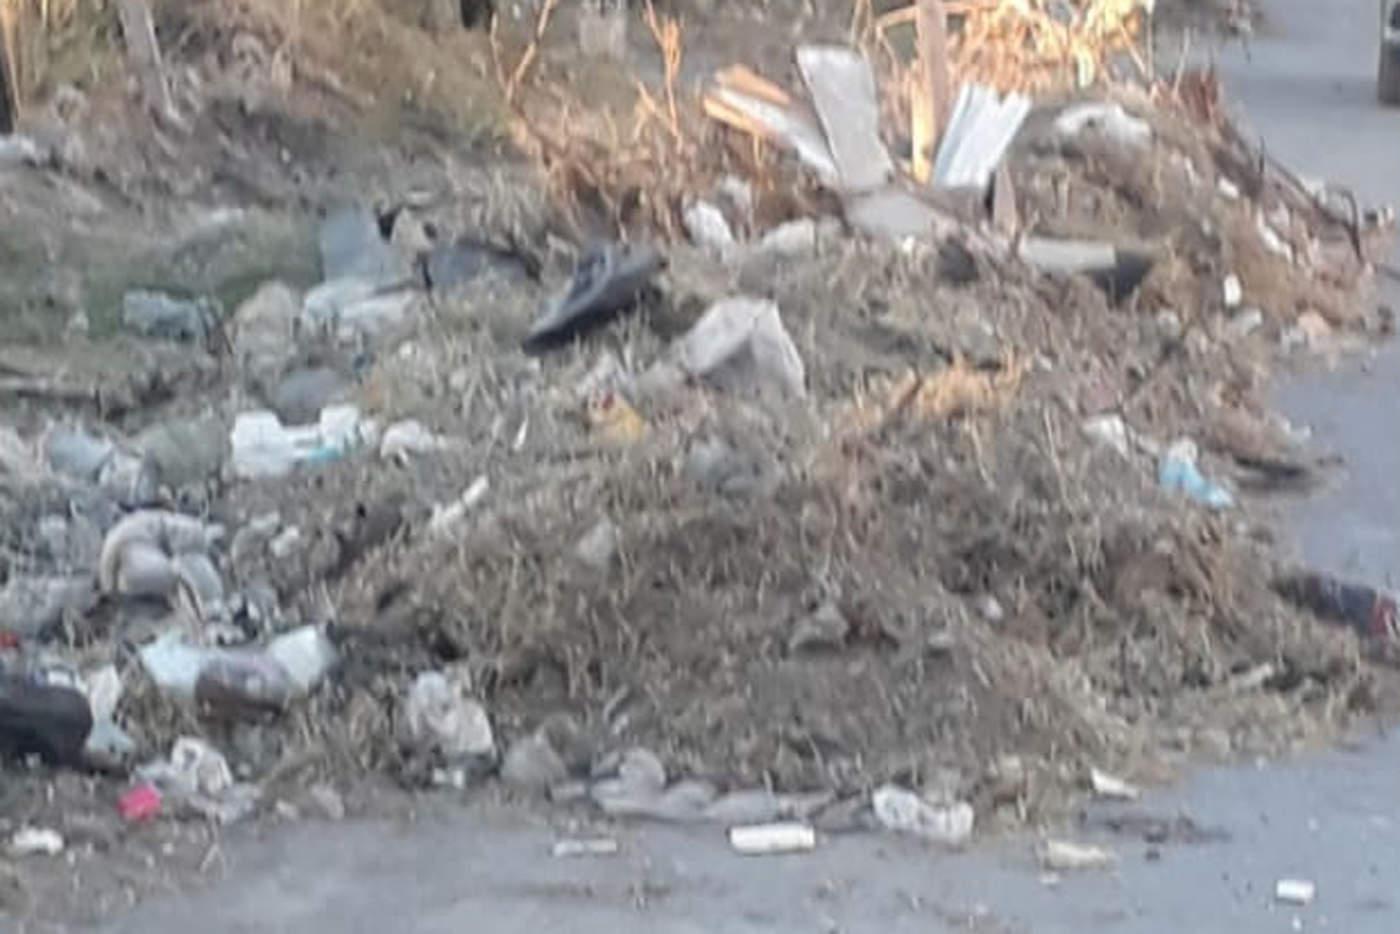 Hubo una limpieza de los lotes baldíos recientemente en la colonia San Felipe de esta ciudad, sin embargo, indican que todo se quedó a medias. (EL SIGLO DE TORREÓN)